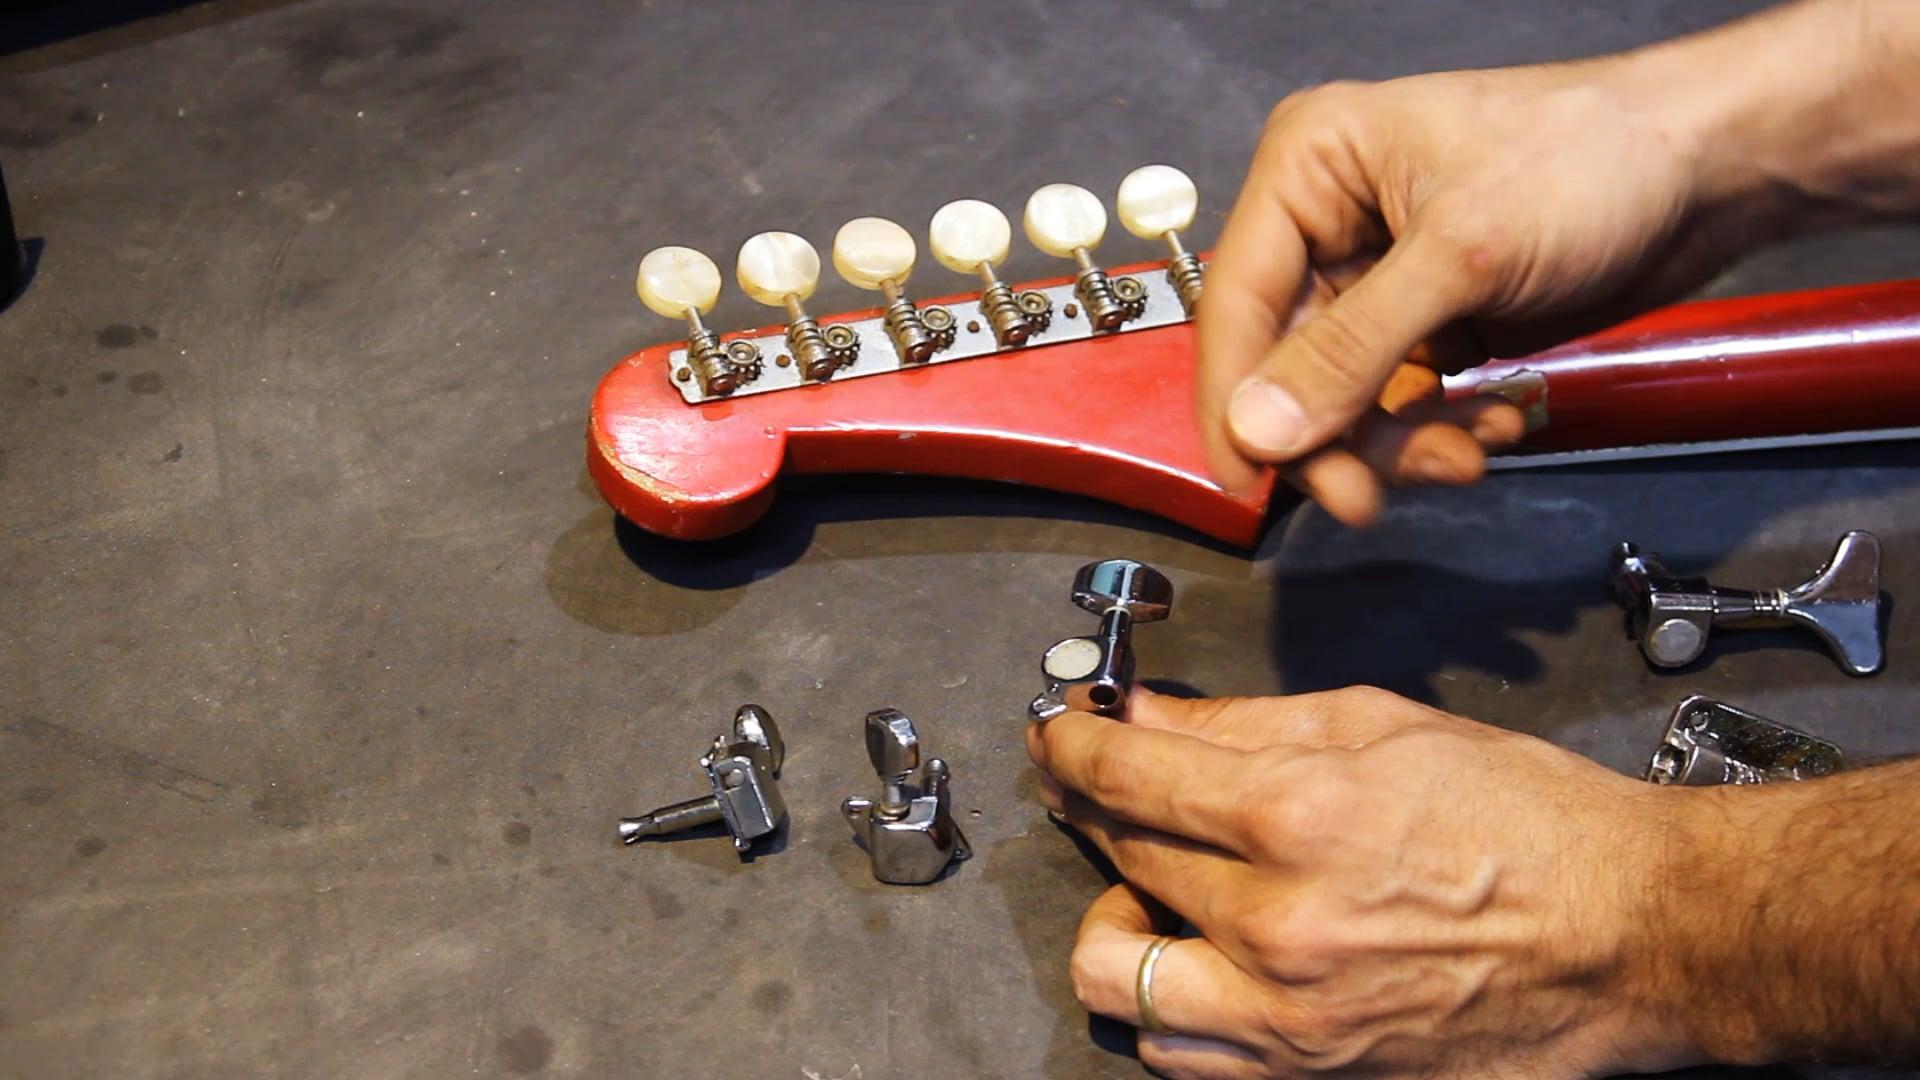 Instrumentos Elétricos de Corpo Sólido - Parte 2 - Tarraxas e Ponte